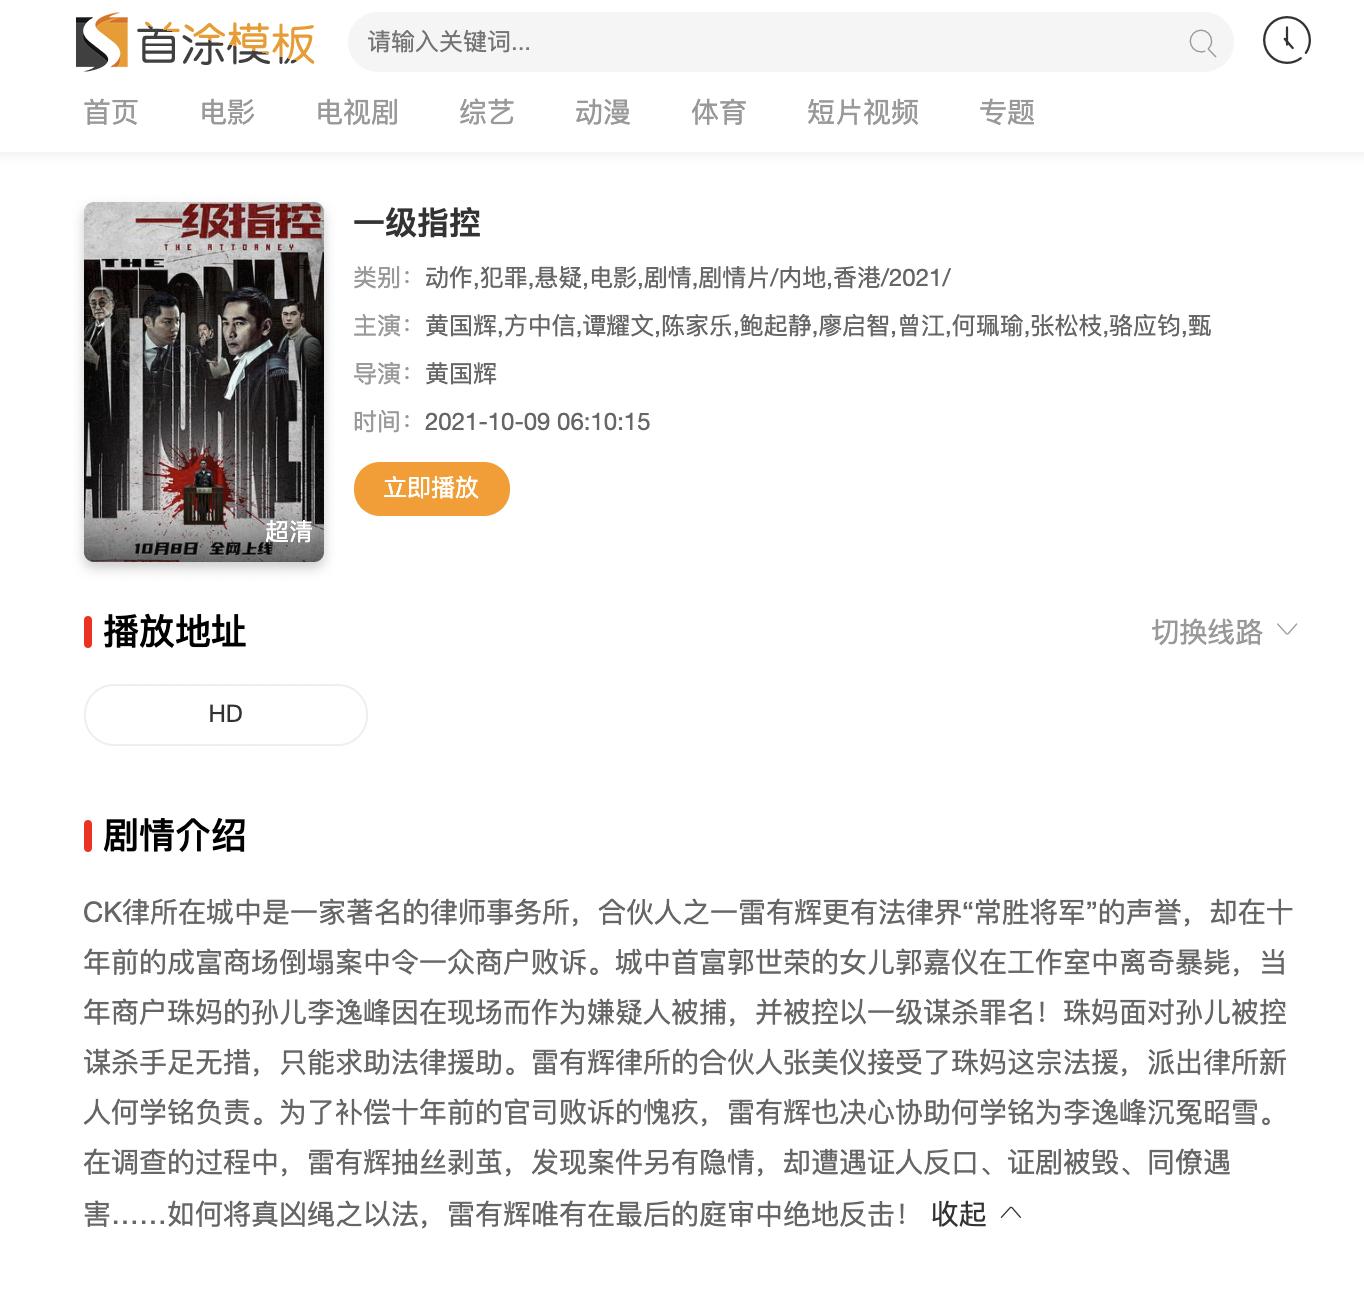 2021新电影《一级指控》免费在线观看地址